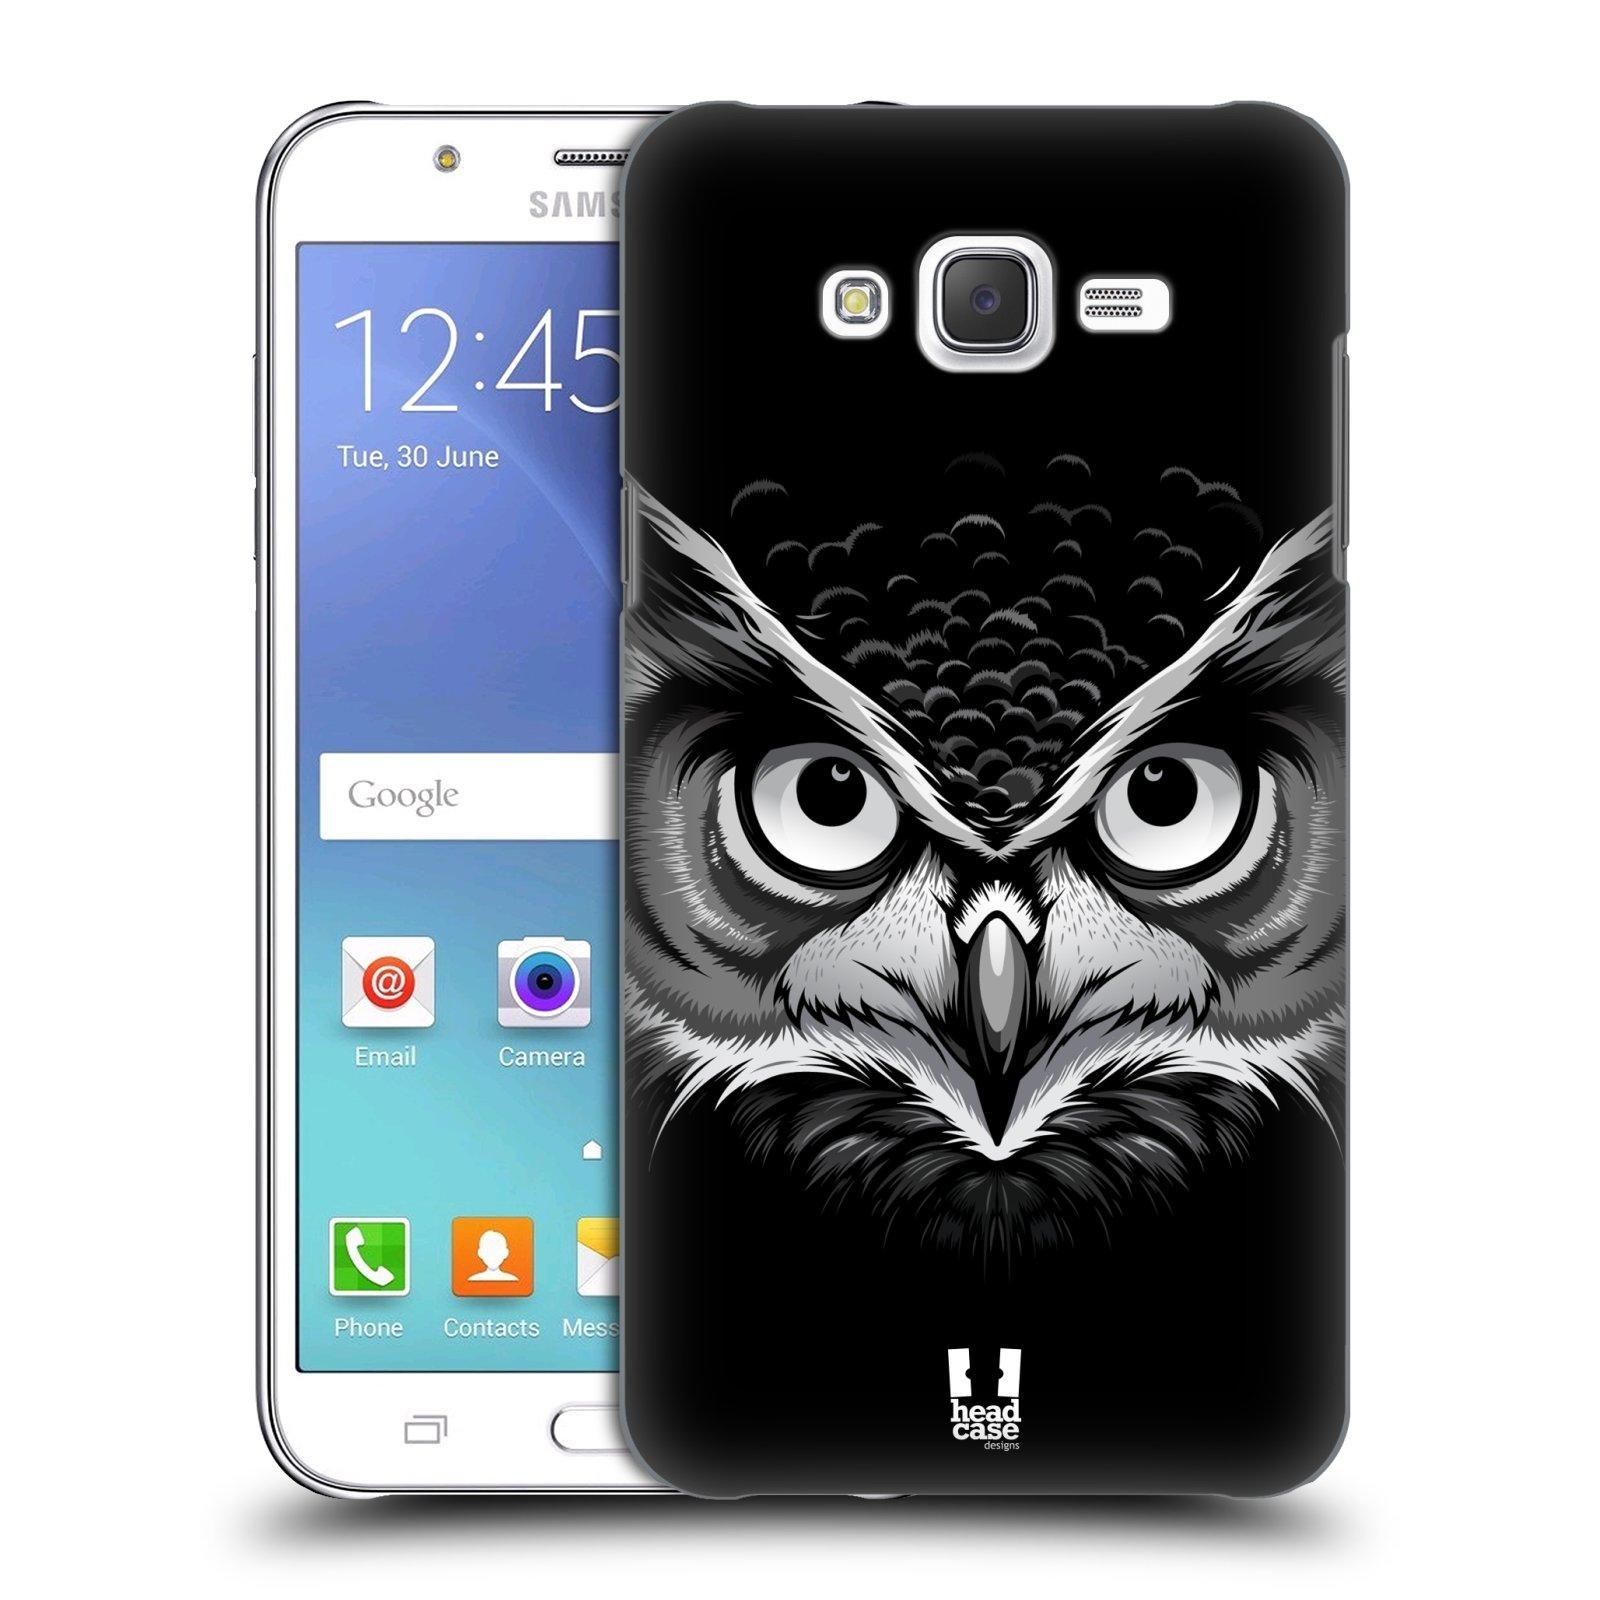 HEAD CASE plastový obal na mobil SAMSUNG Galaxy J7, J700 vzor Zvíře kreslená tvář 2 sova